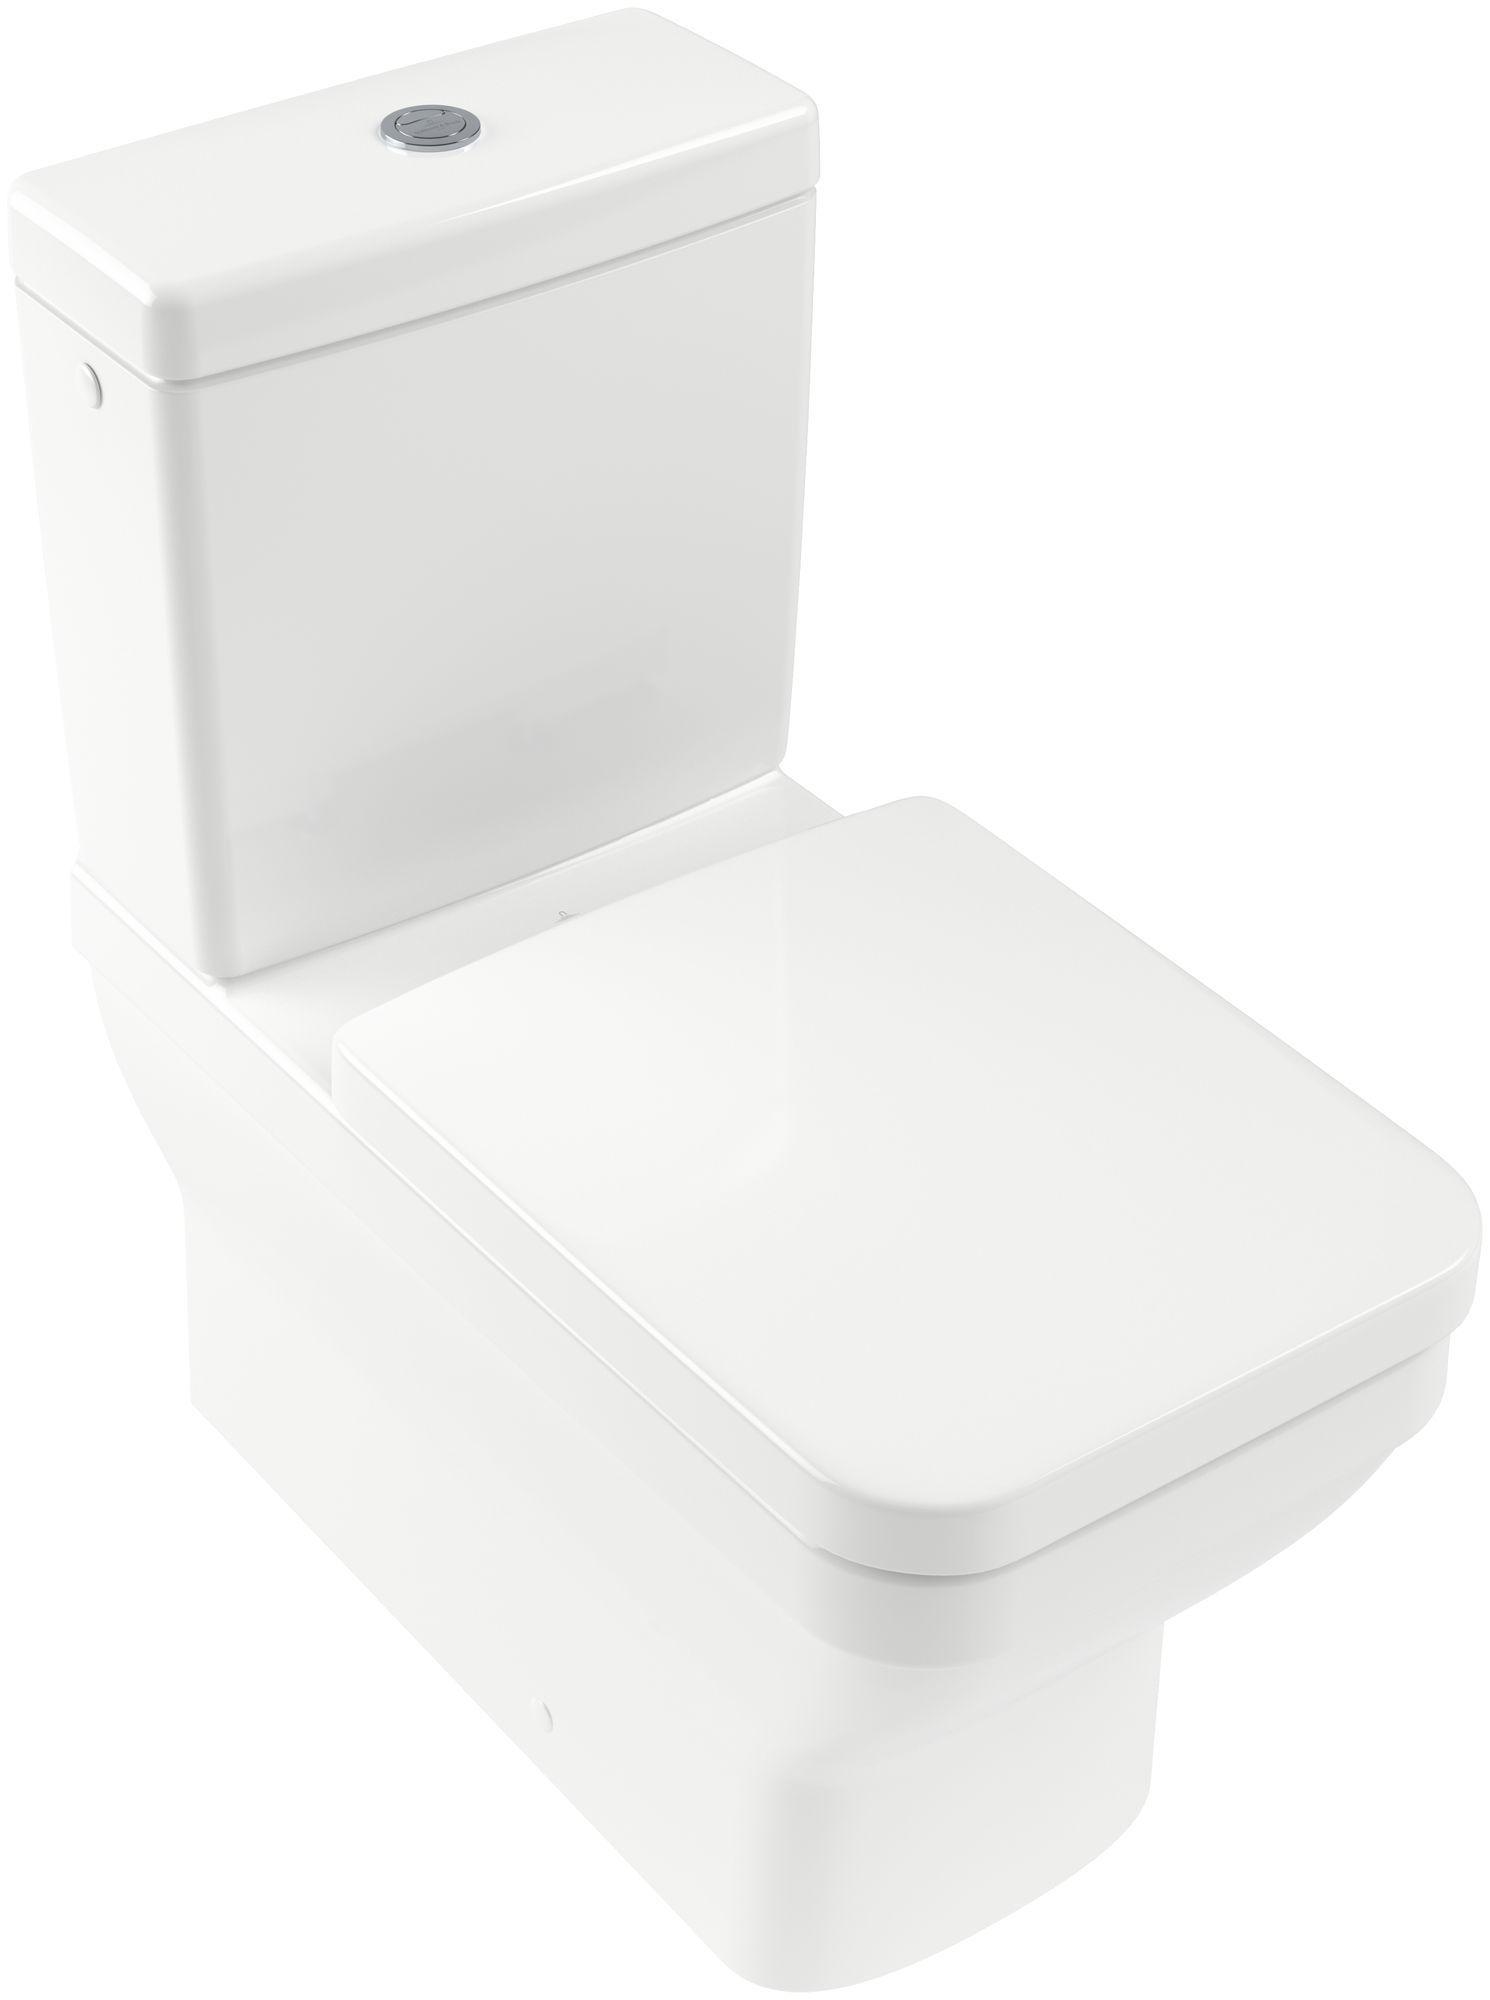 Villeroy & Boch Architectura Tiefspül-Stand-WC für Kombination mit Spülrand B:37xL:70cm weiß Ceramicplus 568710R1